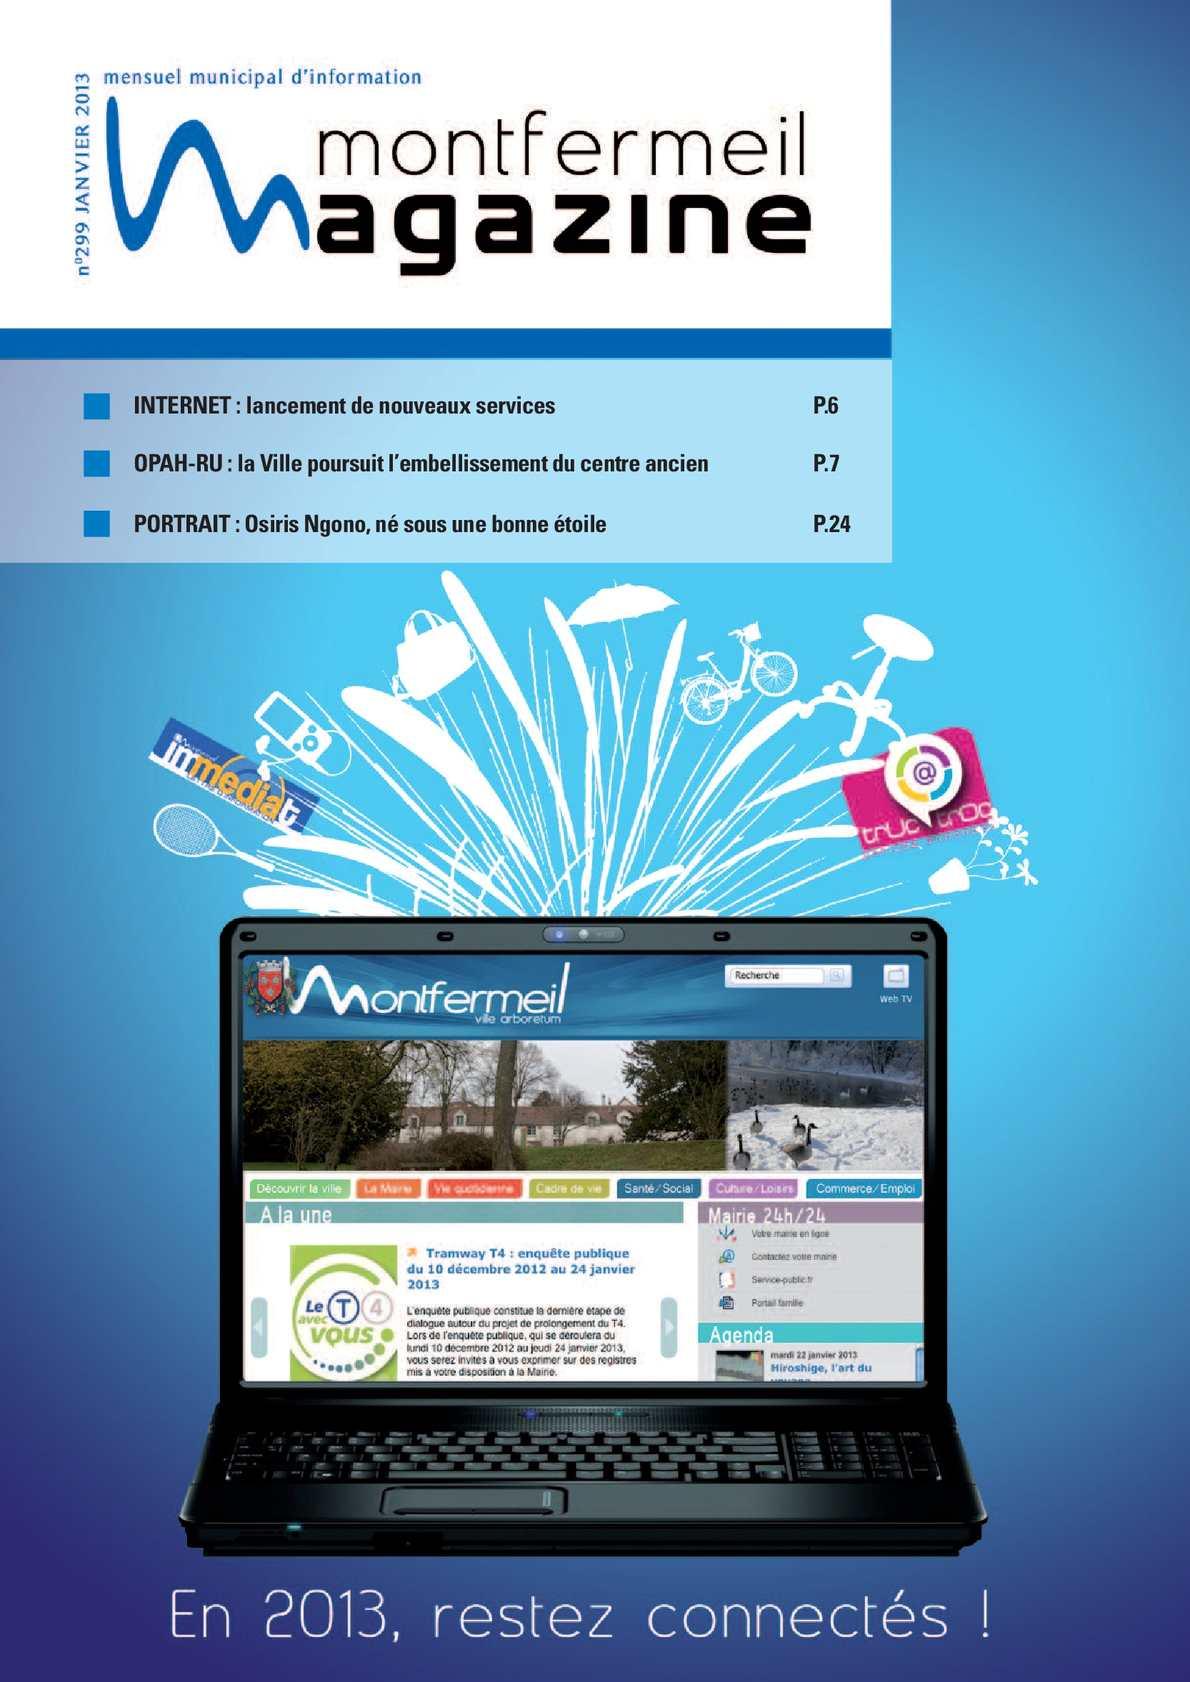 Calam o magazine de la ville de montfermeil janvier 2013 for Garage pascal montfermeil